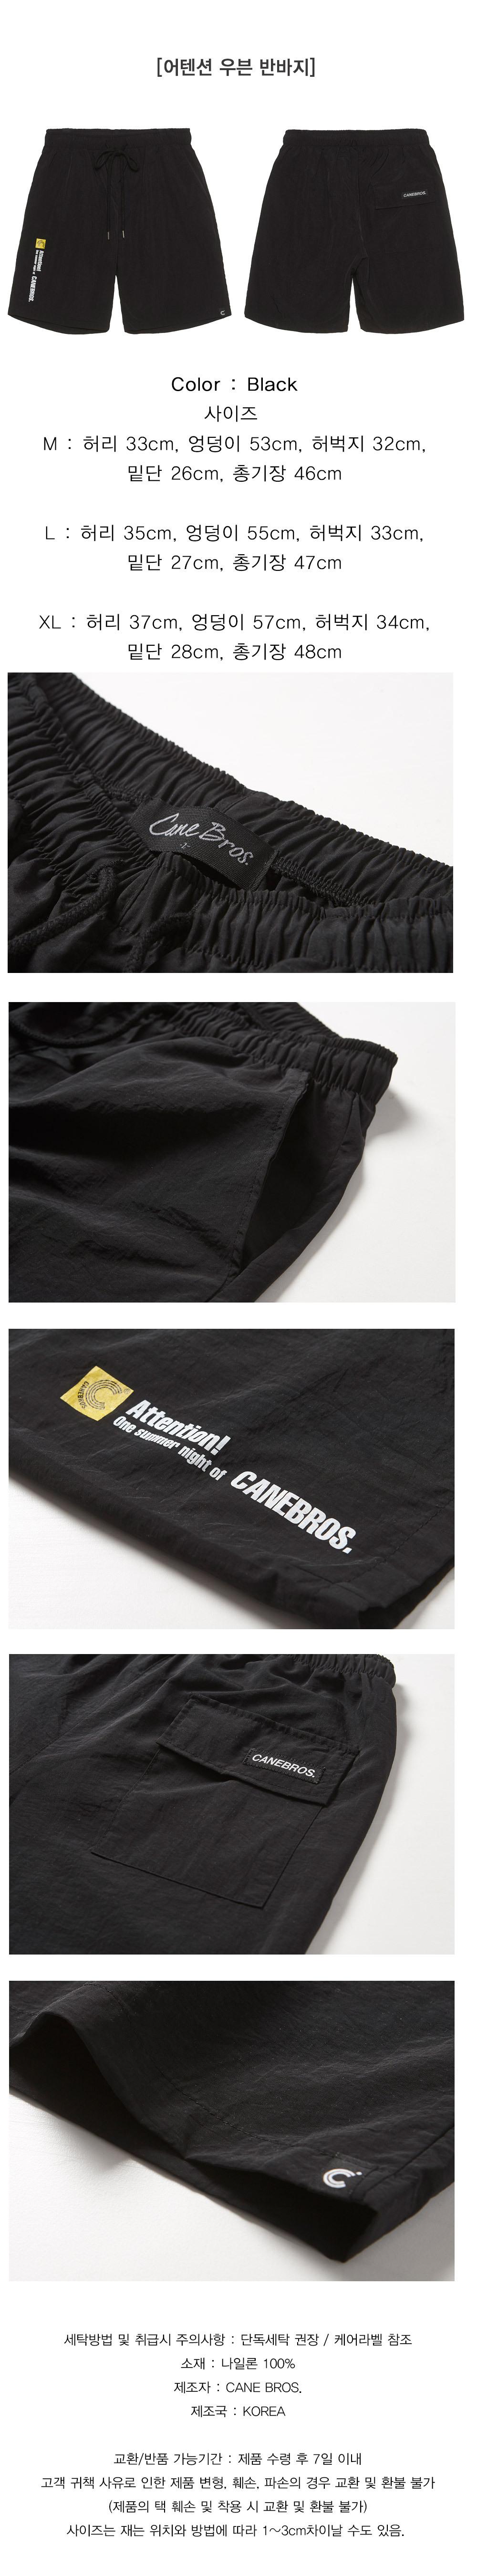 카네브로스(CANE BROS) [패키지]어텐션 우븐 하프집업 아노락셔츠 우븐 반바지 트레이닝 세트[사은품증정]